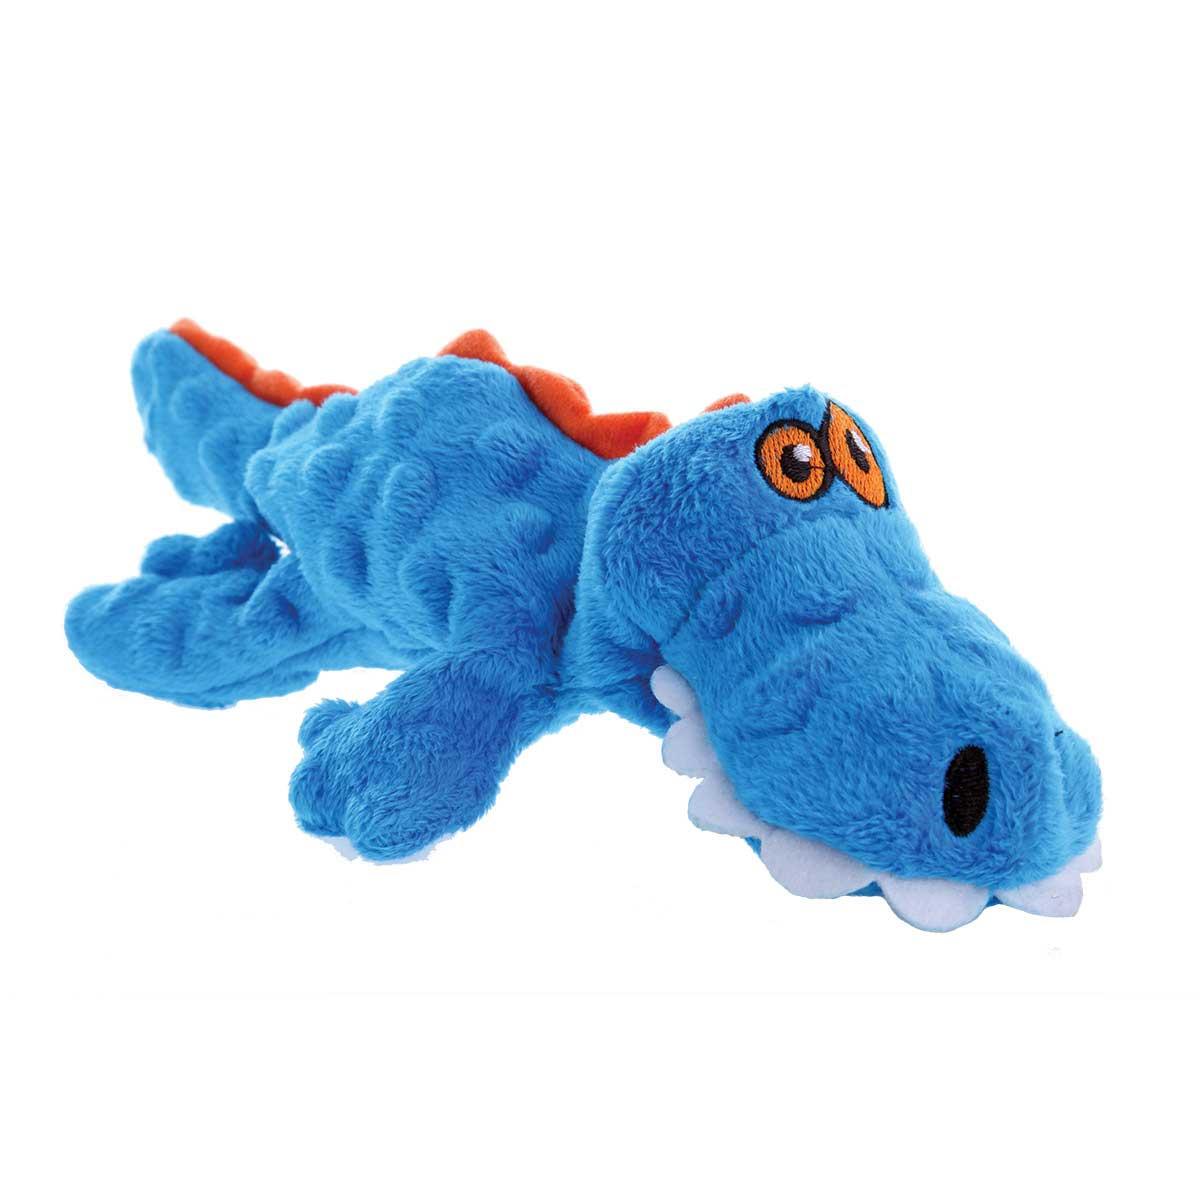 Small 10 inch Blue Hear Doggy Soft Gator Dog Toy